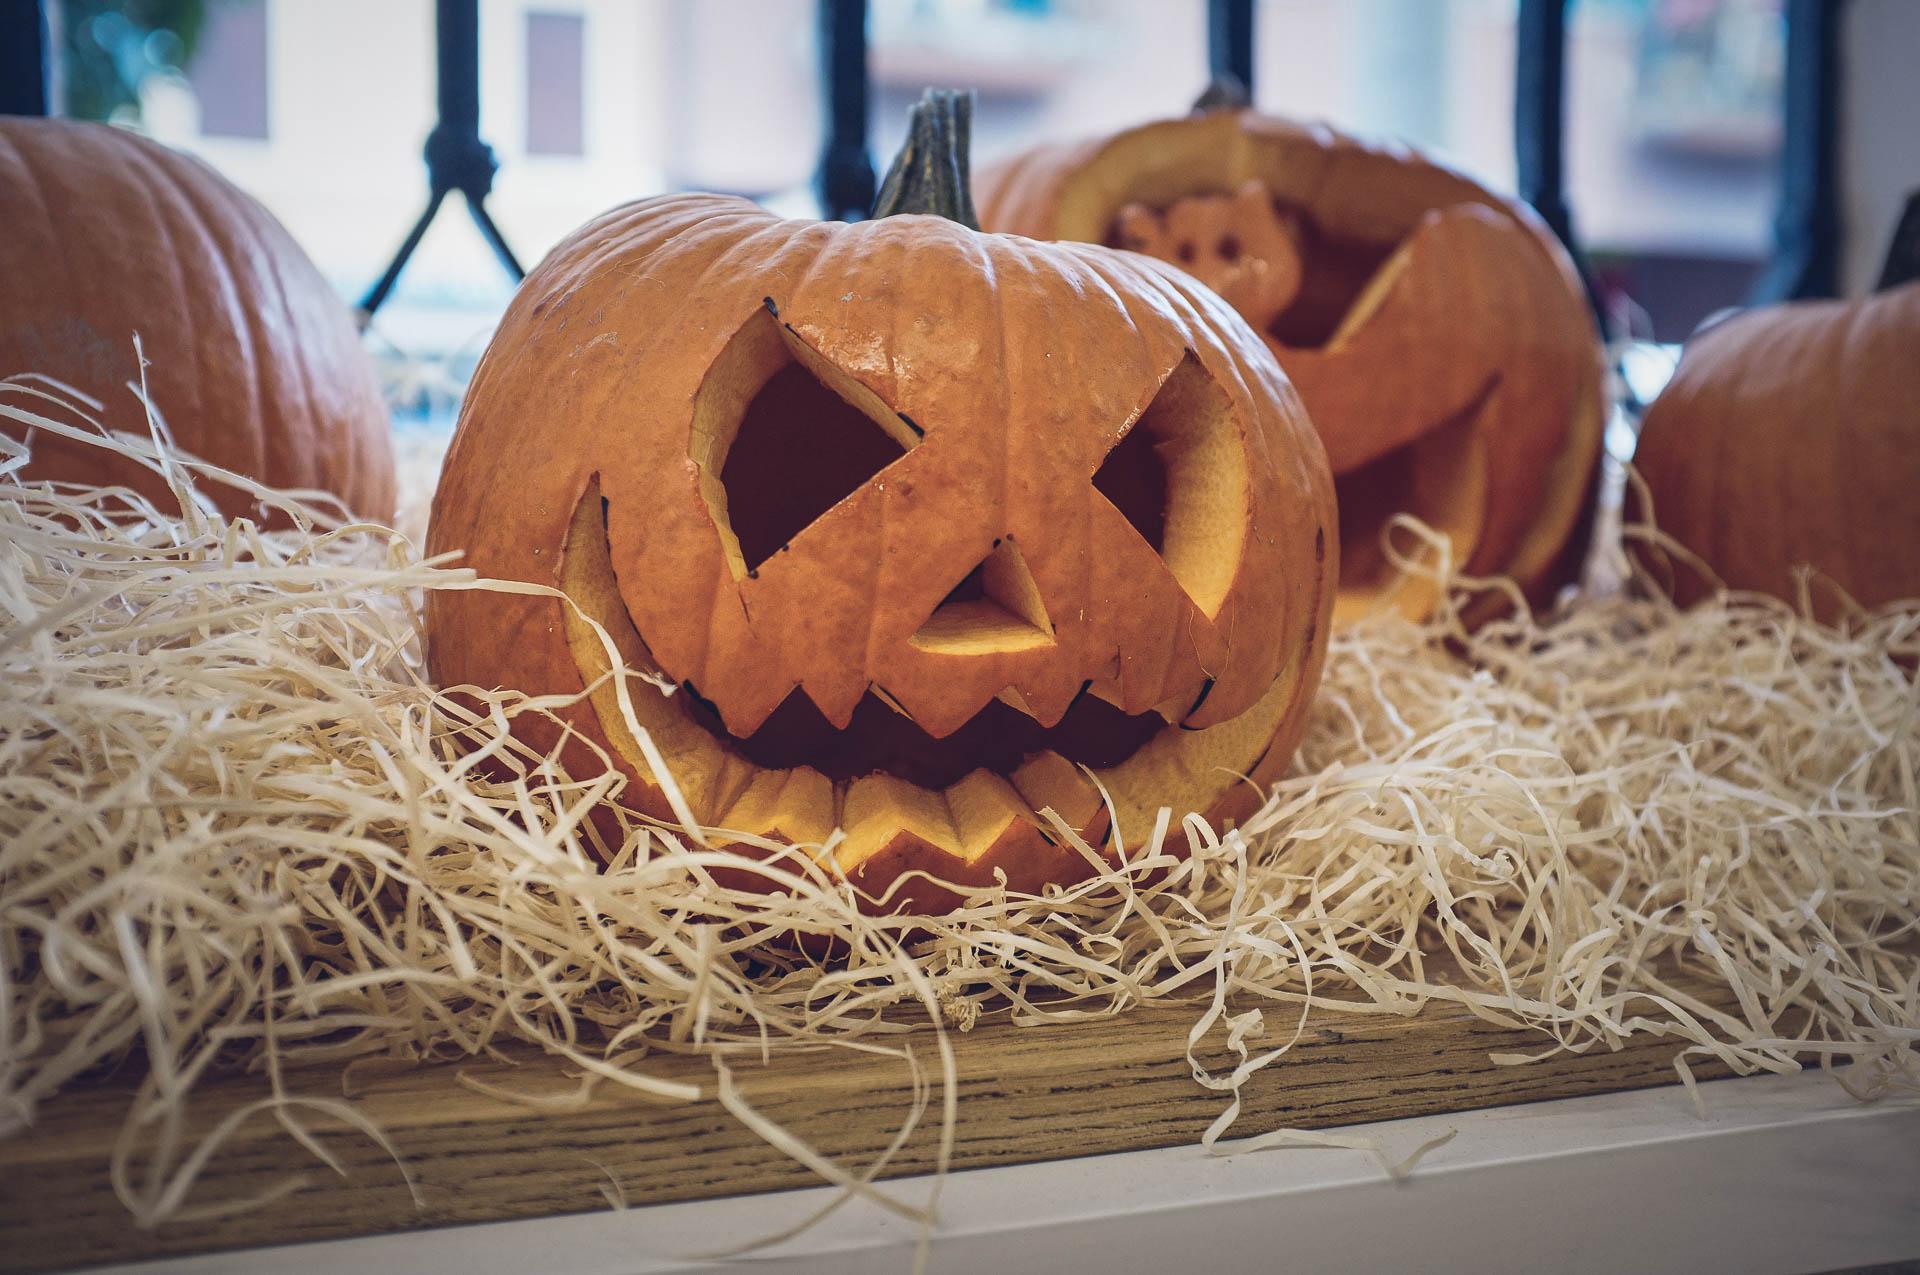 zucca di halloween fotografata in un bar con fujifilm x100